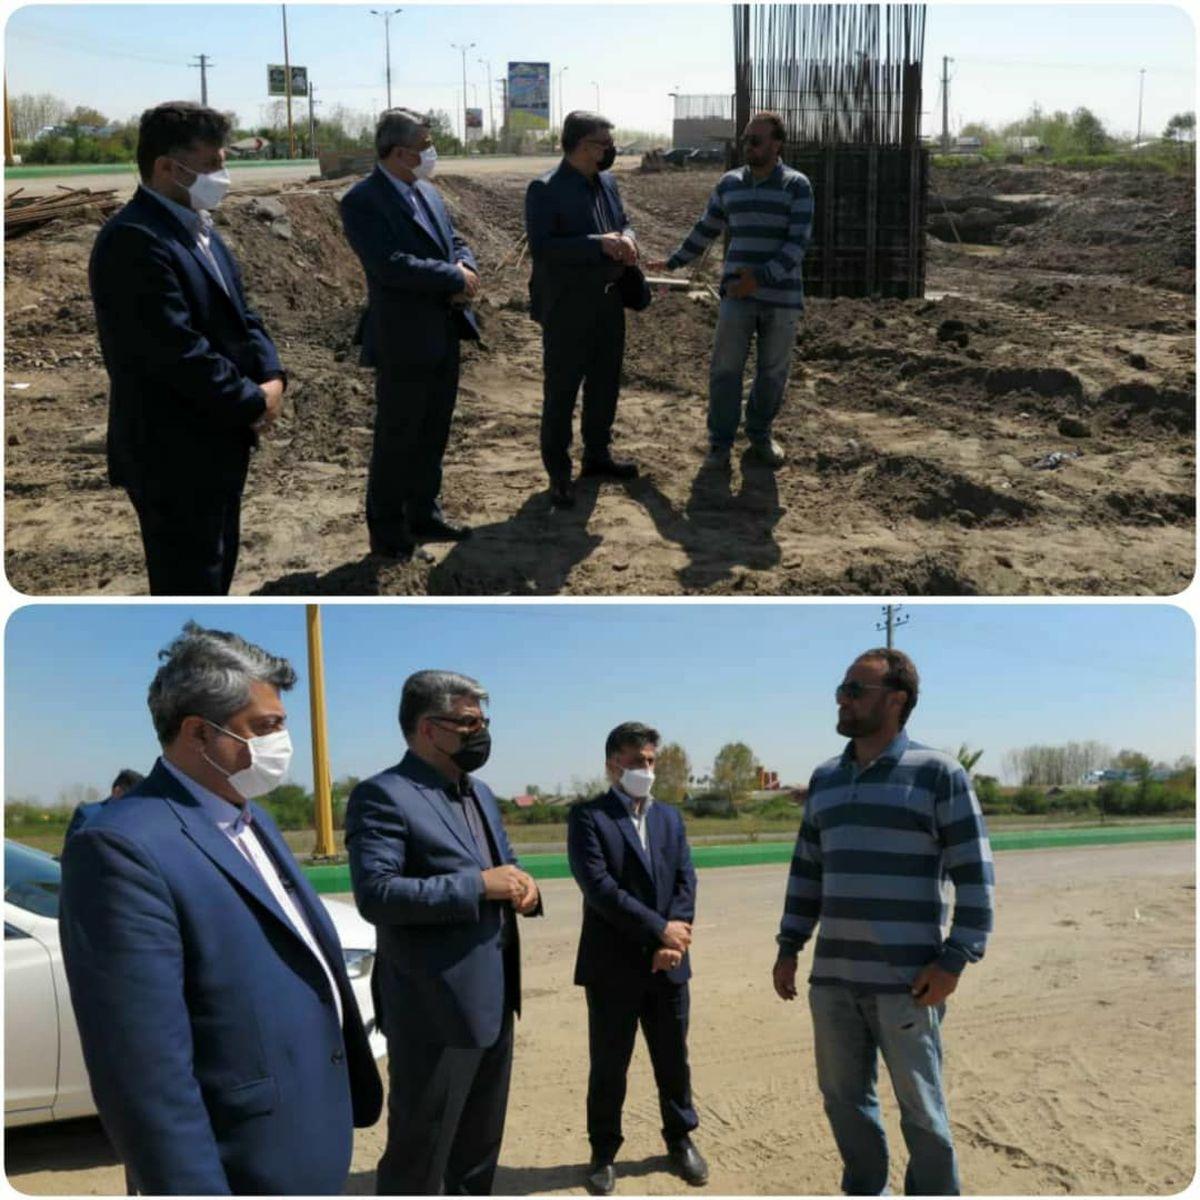 بازدید سرپرست سازمان از روند پیشرفت عملیات اجرایی راه آهن رشت به منطقه آزاد انزلی